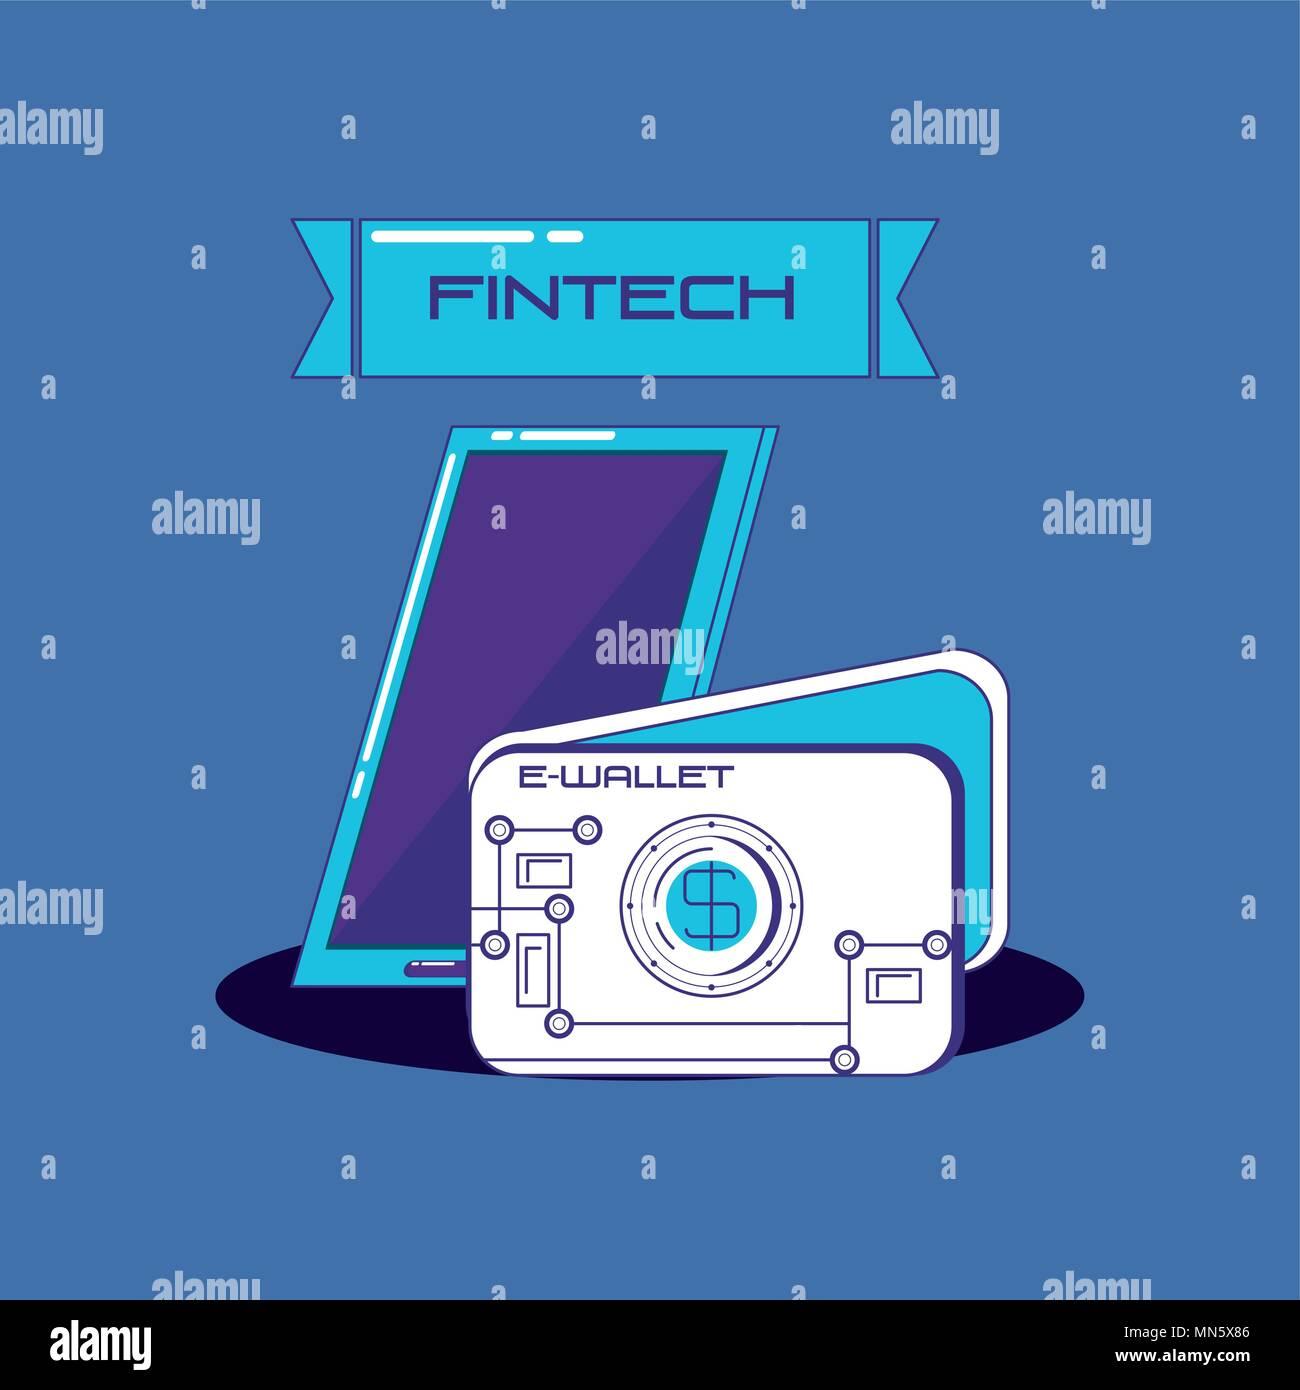 Concetto di Fintech con lo smartphone e portafoglio su sfondo blu, illustrazione vettoriale Immagini Stock